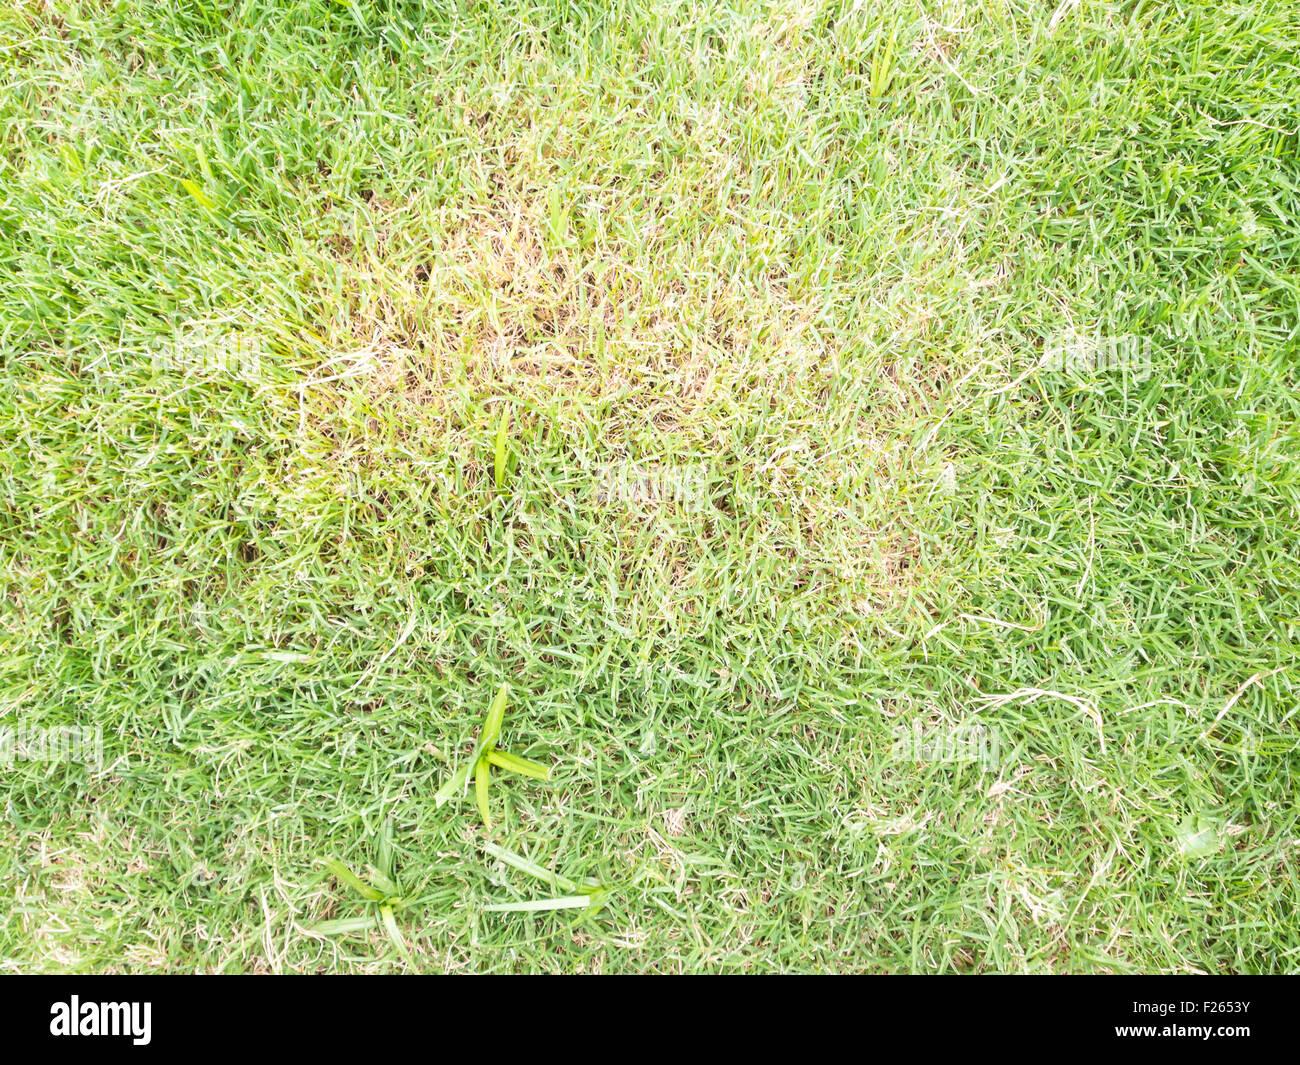 Atemberaubend Krankheiten des Rasens. Braune Flecken im Rasen, wegen Pilz Rasen #BQ_69